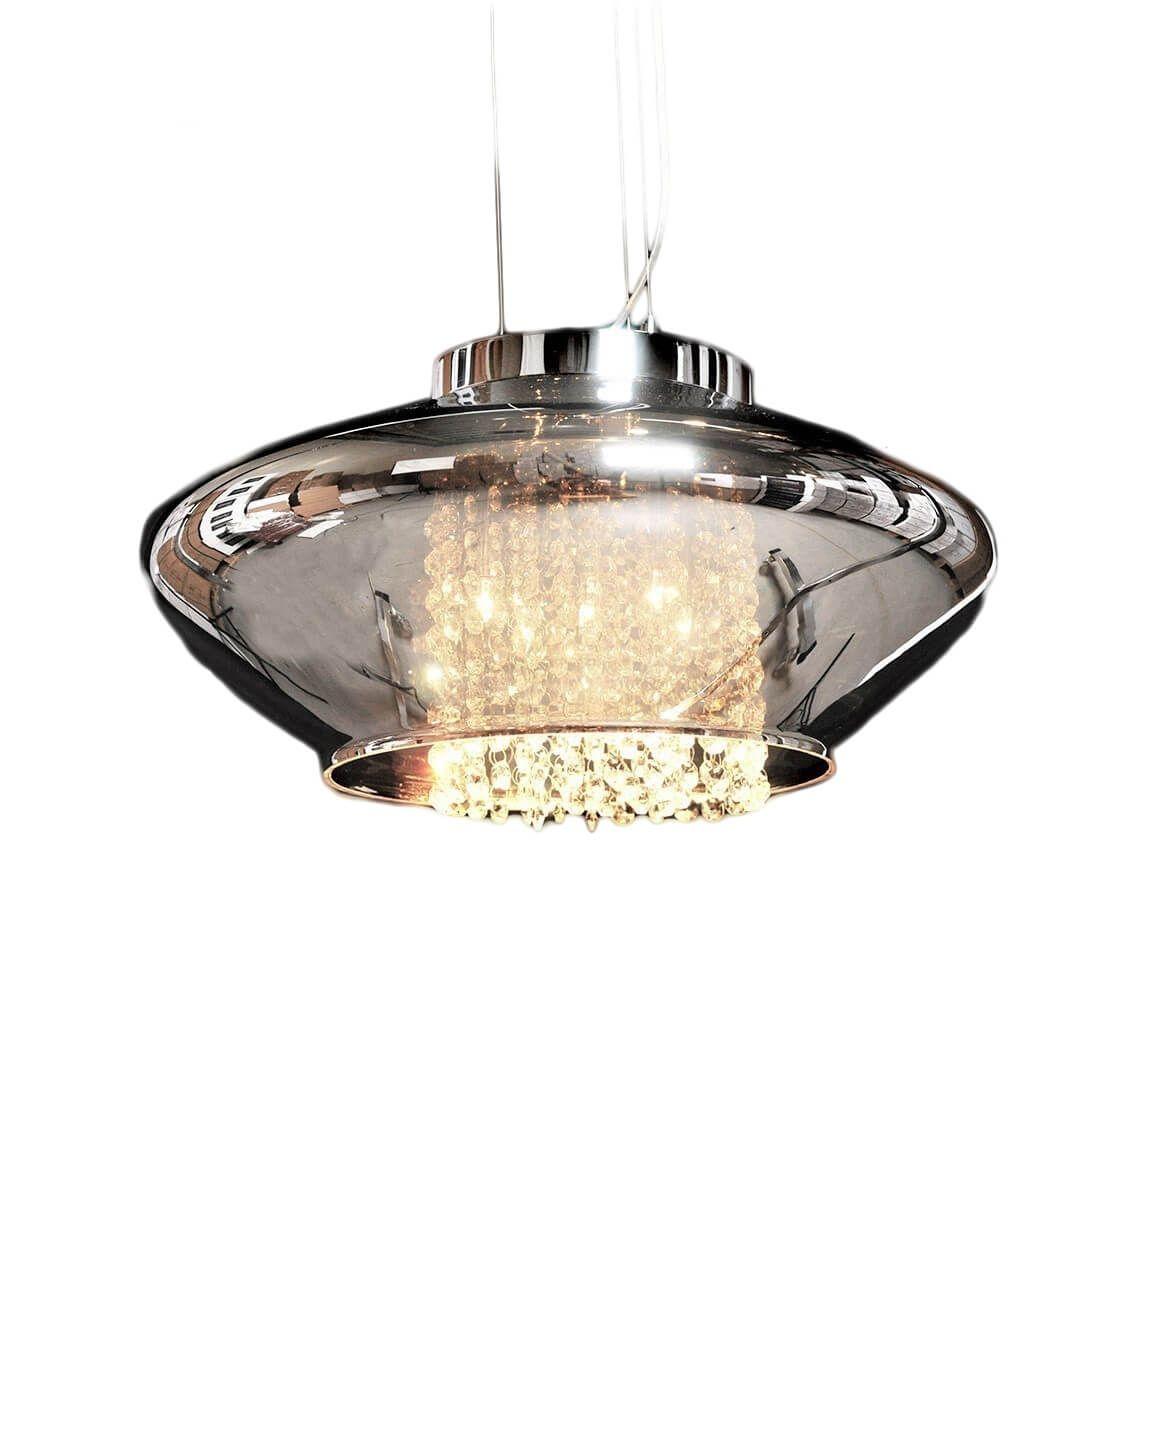 Подвесной светильник Lumina Deco Rivorre LDP 8056, 4xG4x20W, хром, дымчатый, прозрачный, металл, стекло, хрусталь - фото 1